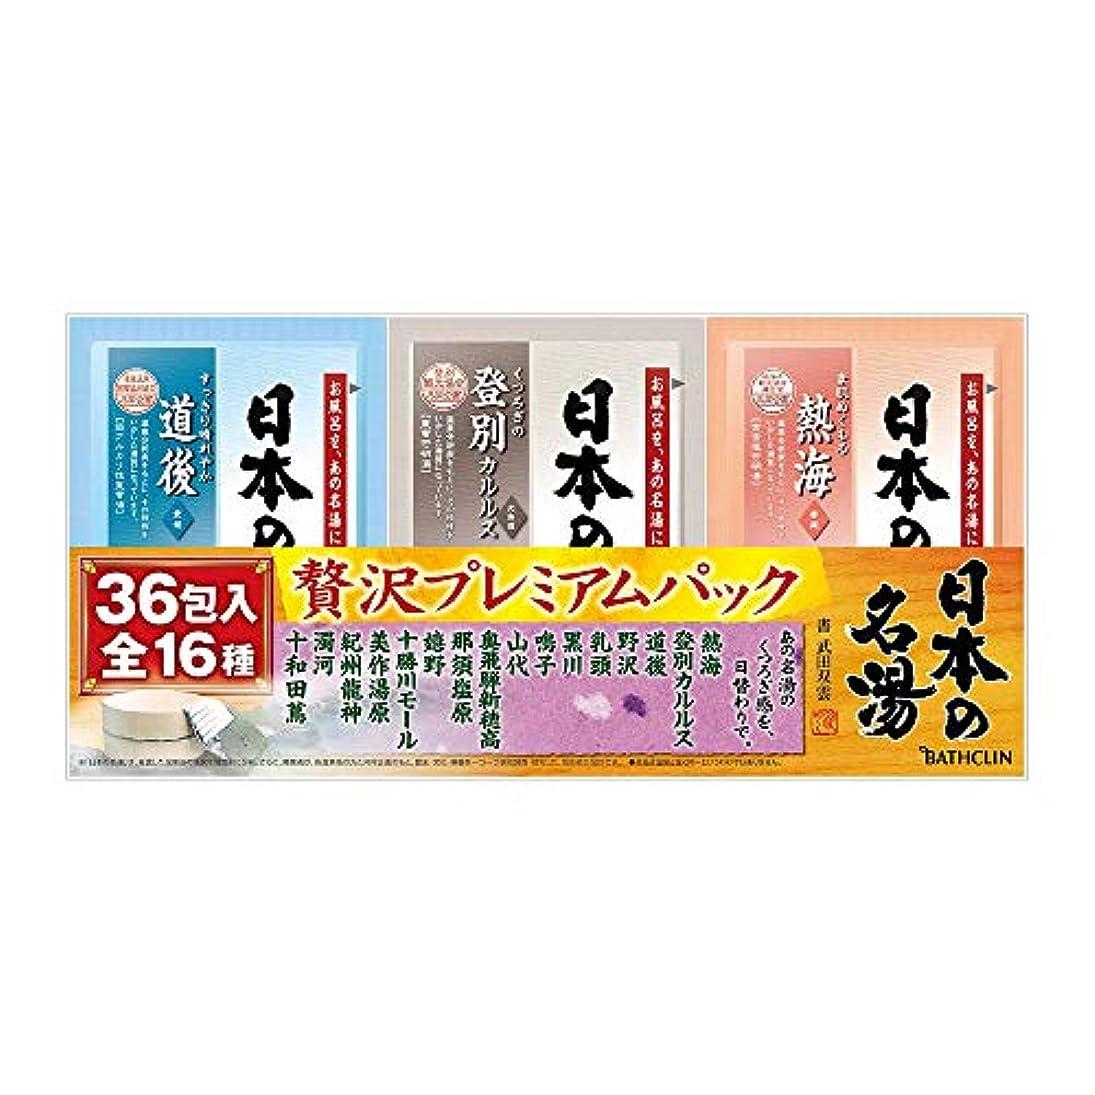 有用承知しました本土【医薬部外品/大容量】日本の名湯入浴剤 贅沢プレミアムパック36包入 個包装 詰め合わせ 温泉タイプ